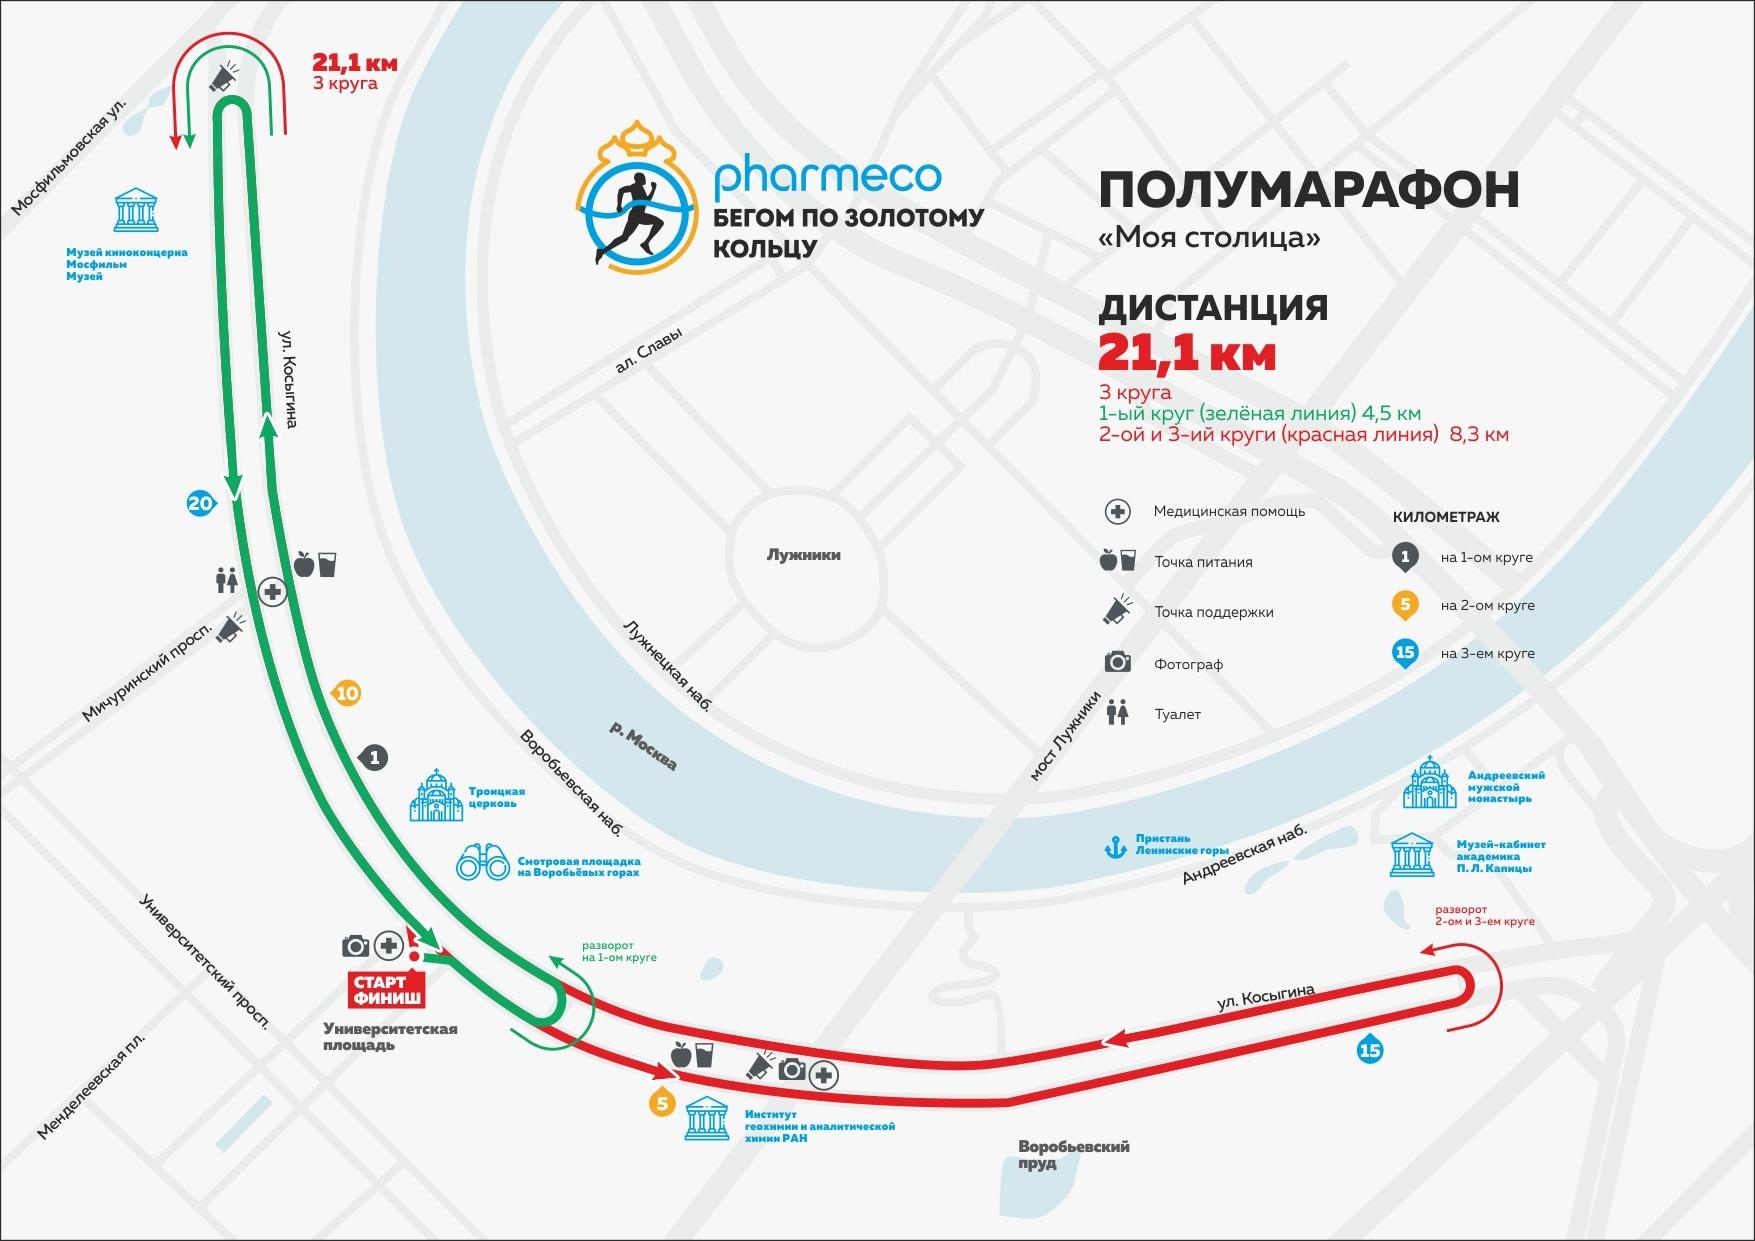 Карта-схема дистанции 21,1 км полумарафона в Москве - Моя столица 2019